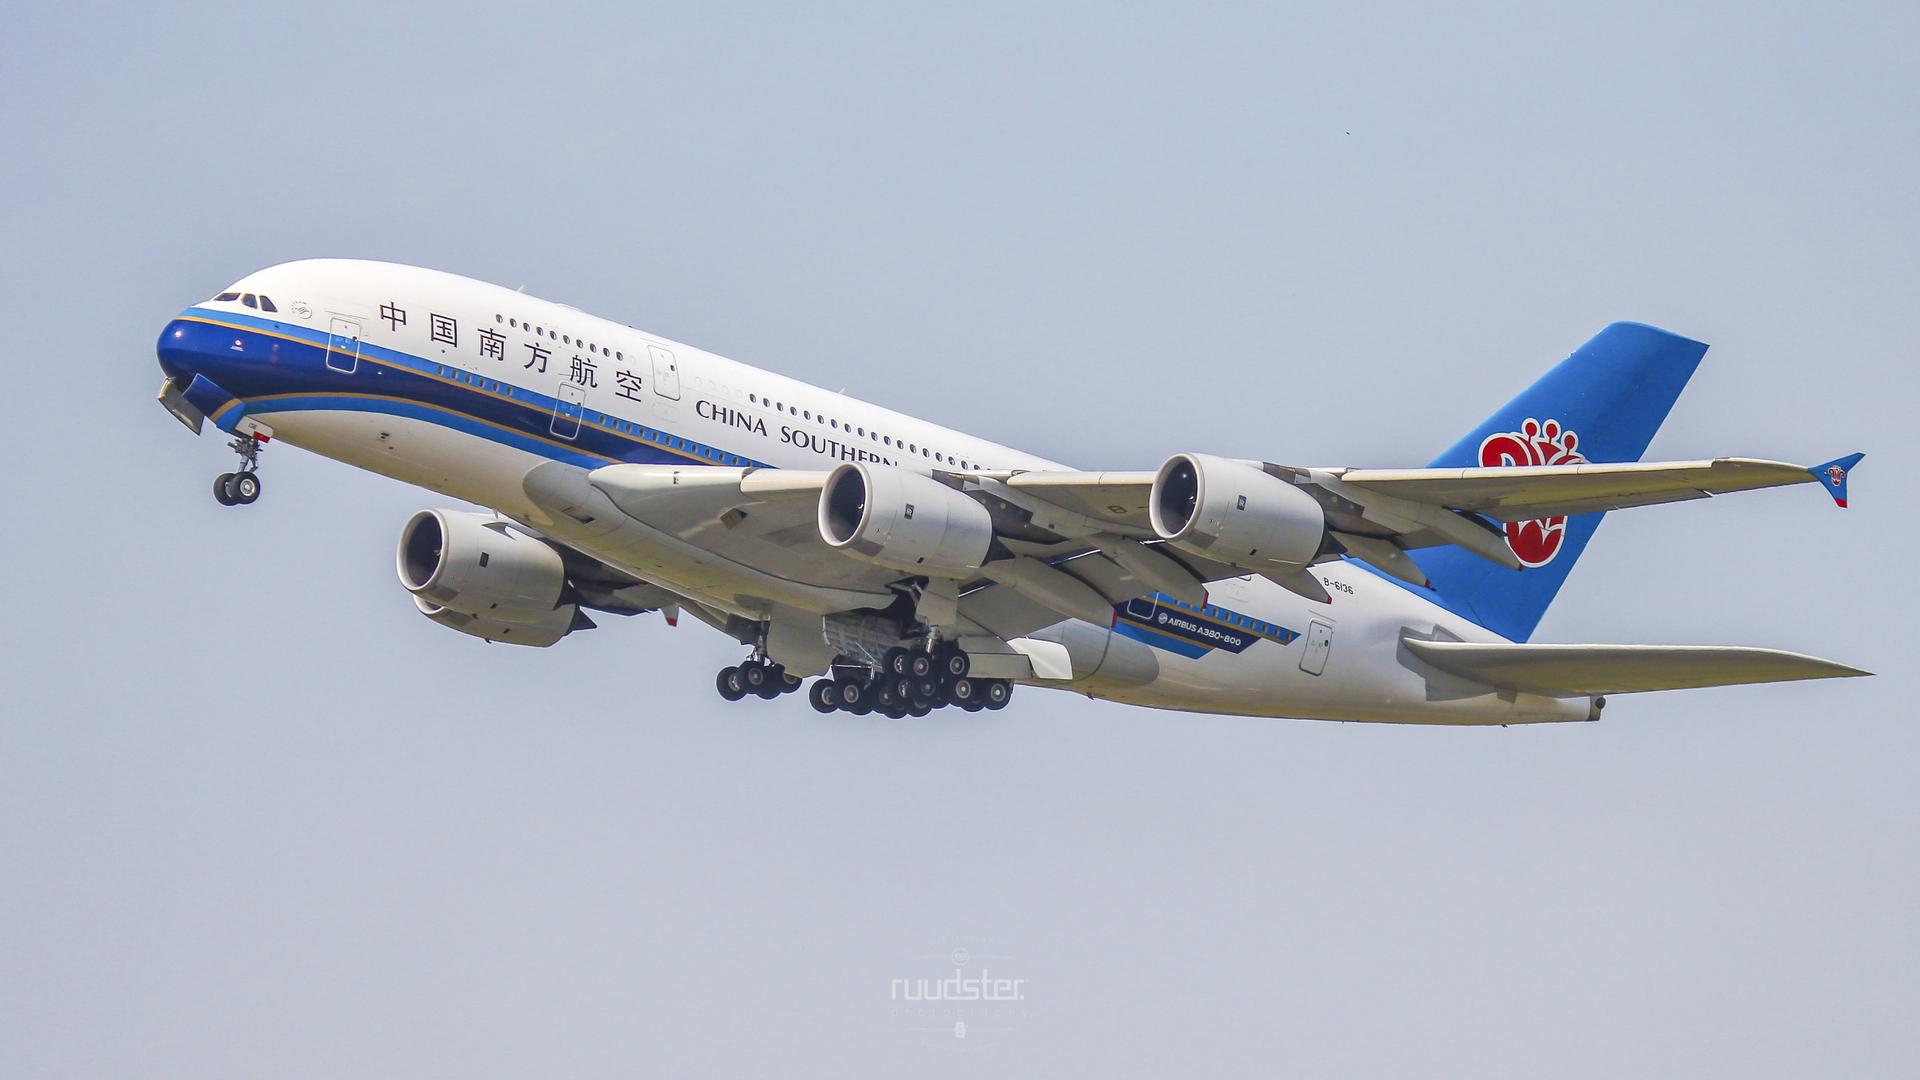 B-6136 | Build: 2011 - Airbus A380-800